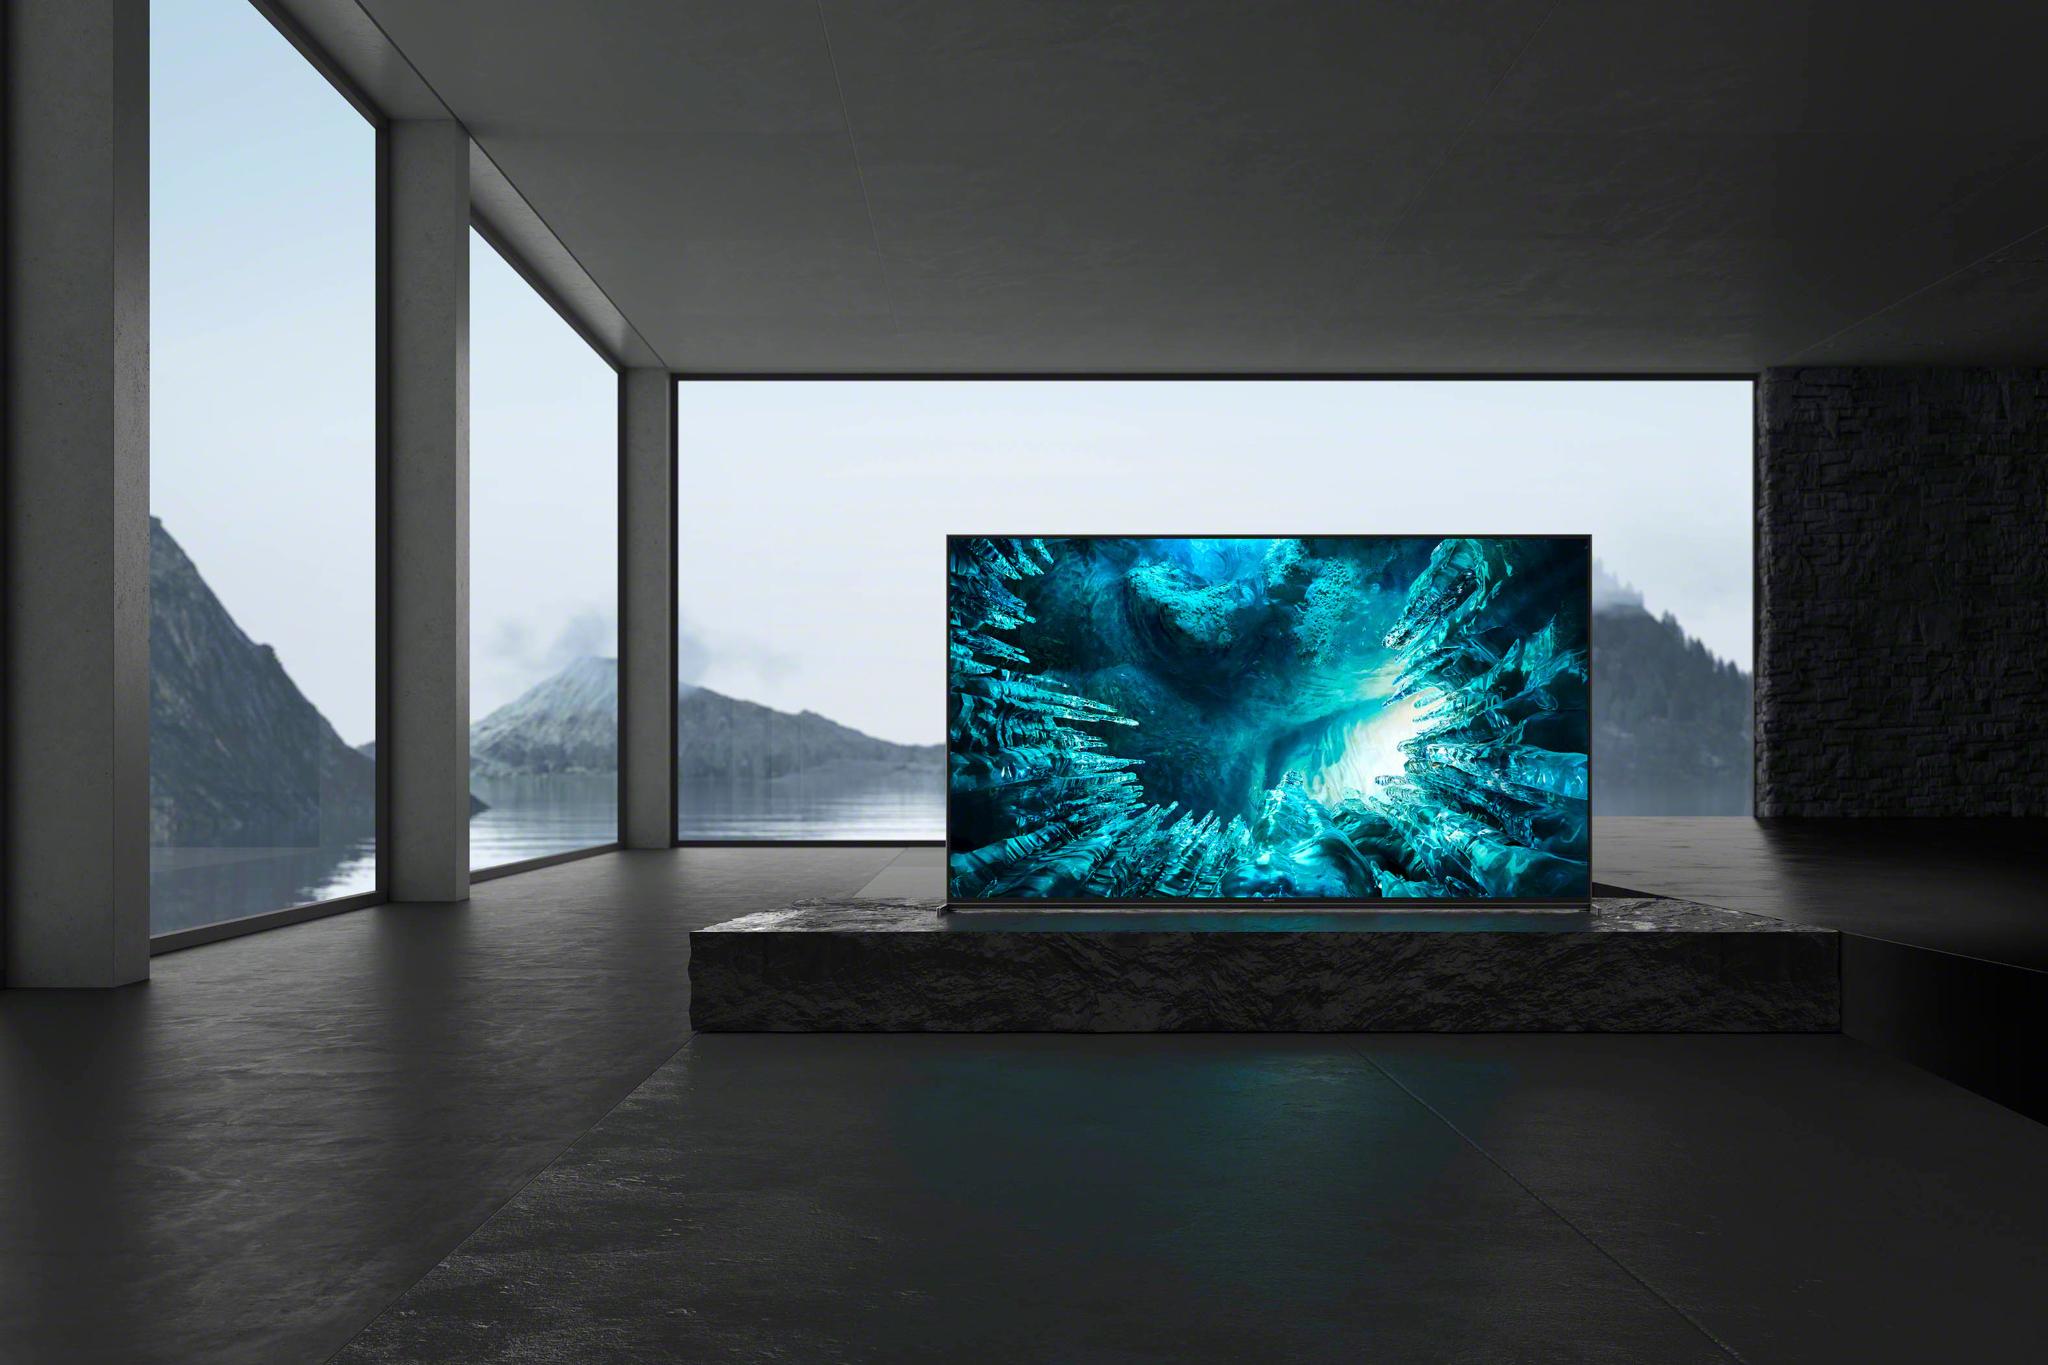 É muito ecrã: chegaram os televisores 8K | Unibanco